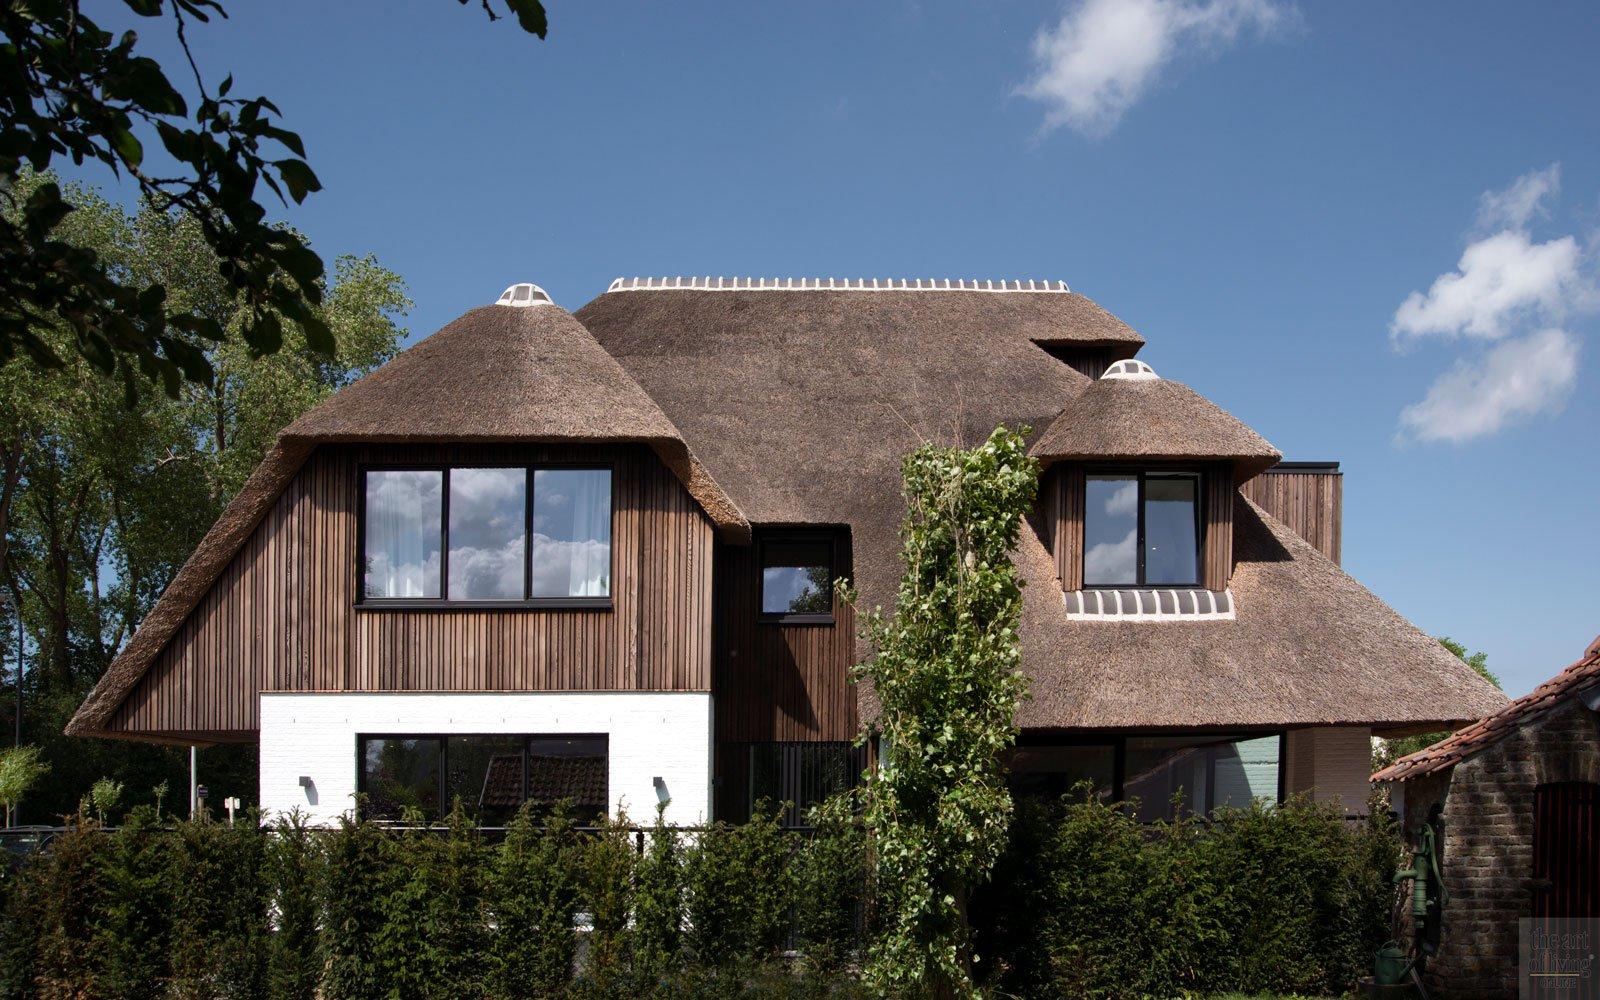 Ruime villa, HC Demyttenaere, the art of living, landelijke villa, landelijk, landelijk ontwerp, landelijk architectuur, landelijk huis, exclusief ontwerp